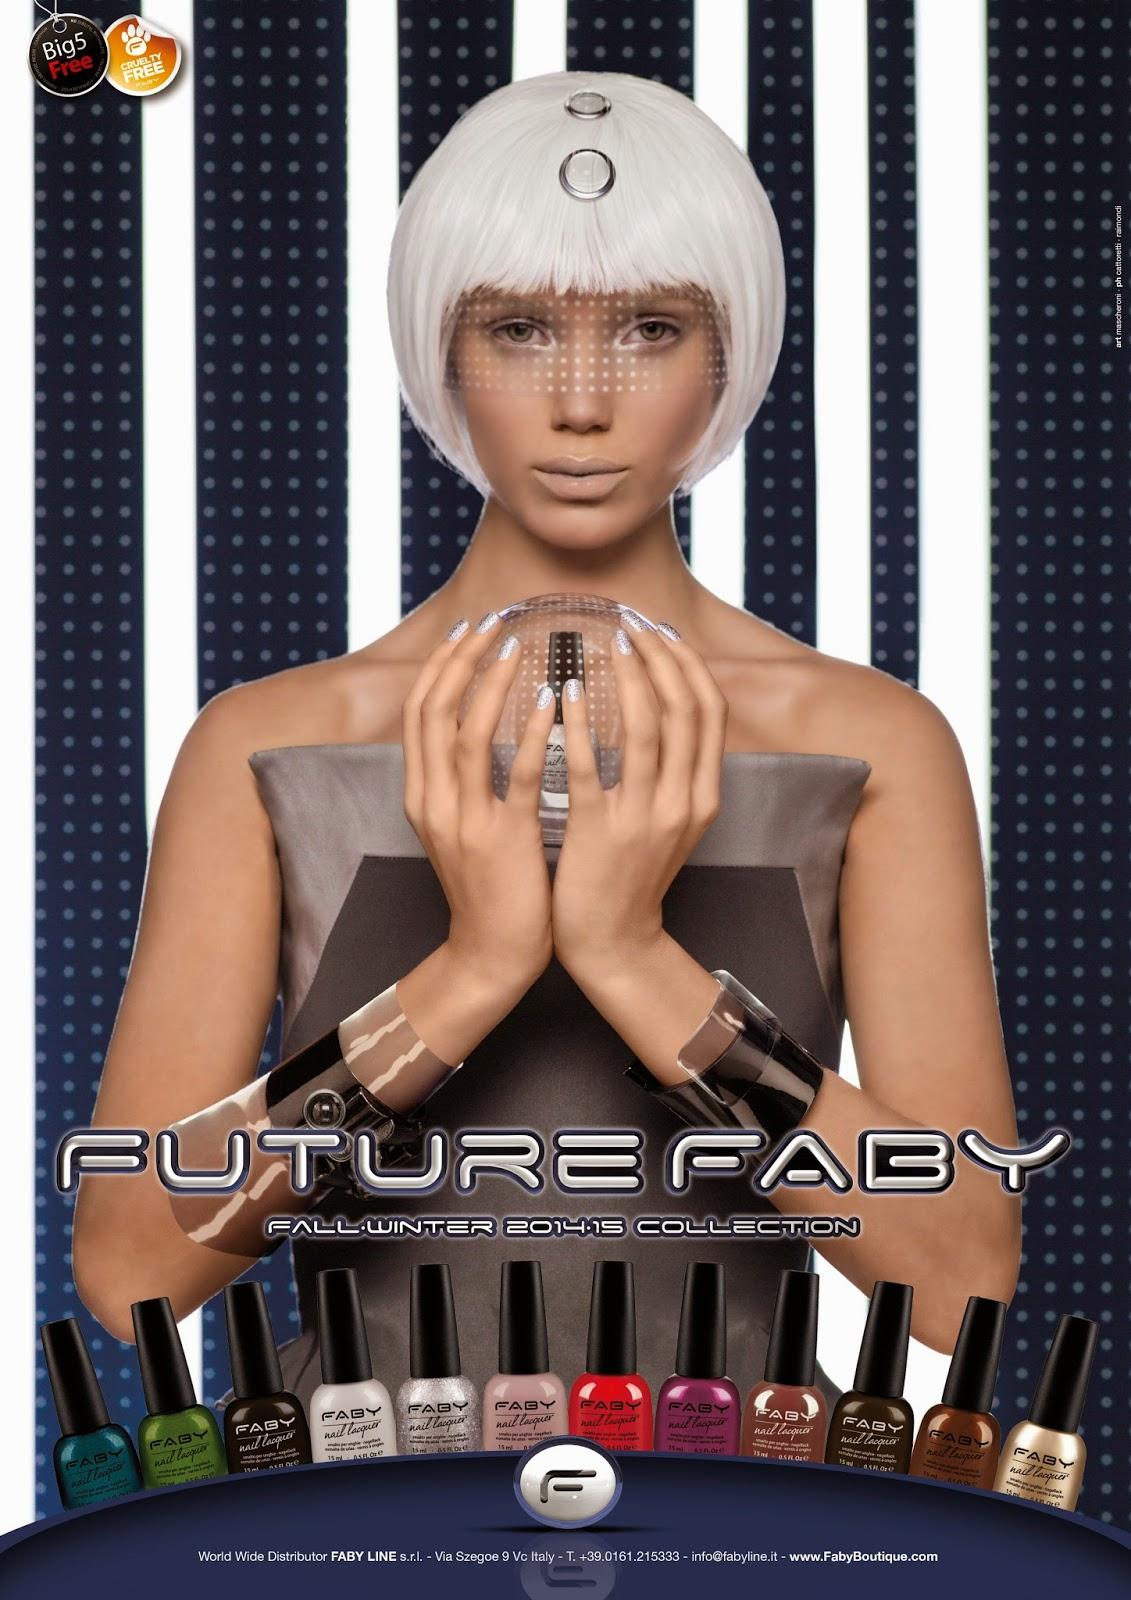 Collezione Future Faby: tutti gli swatch